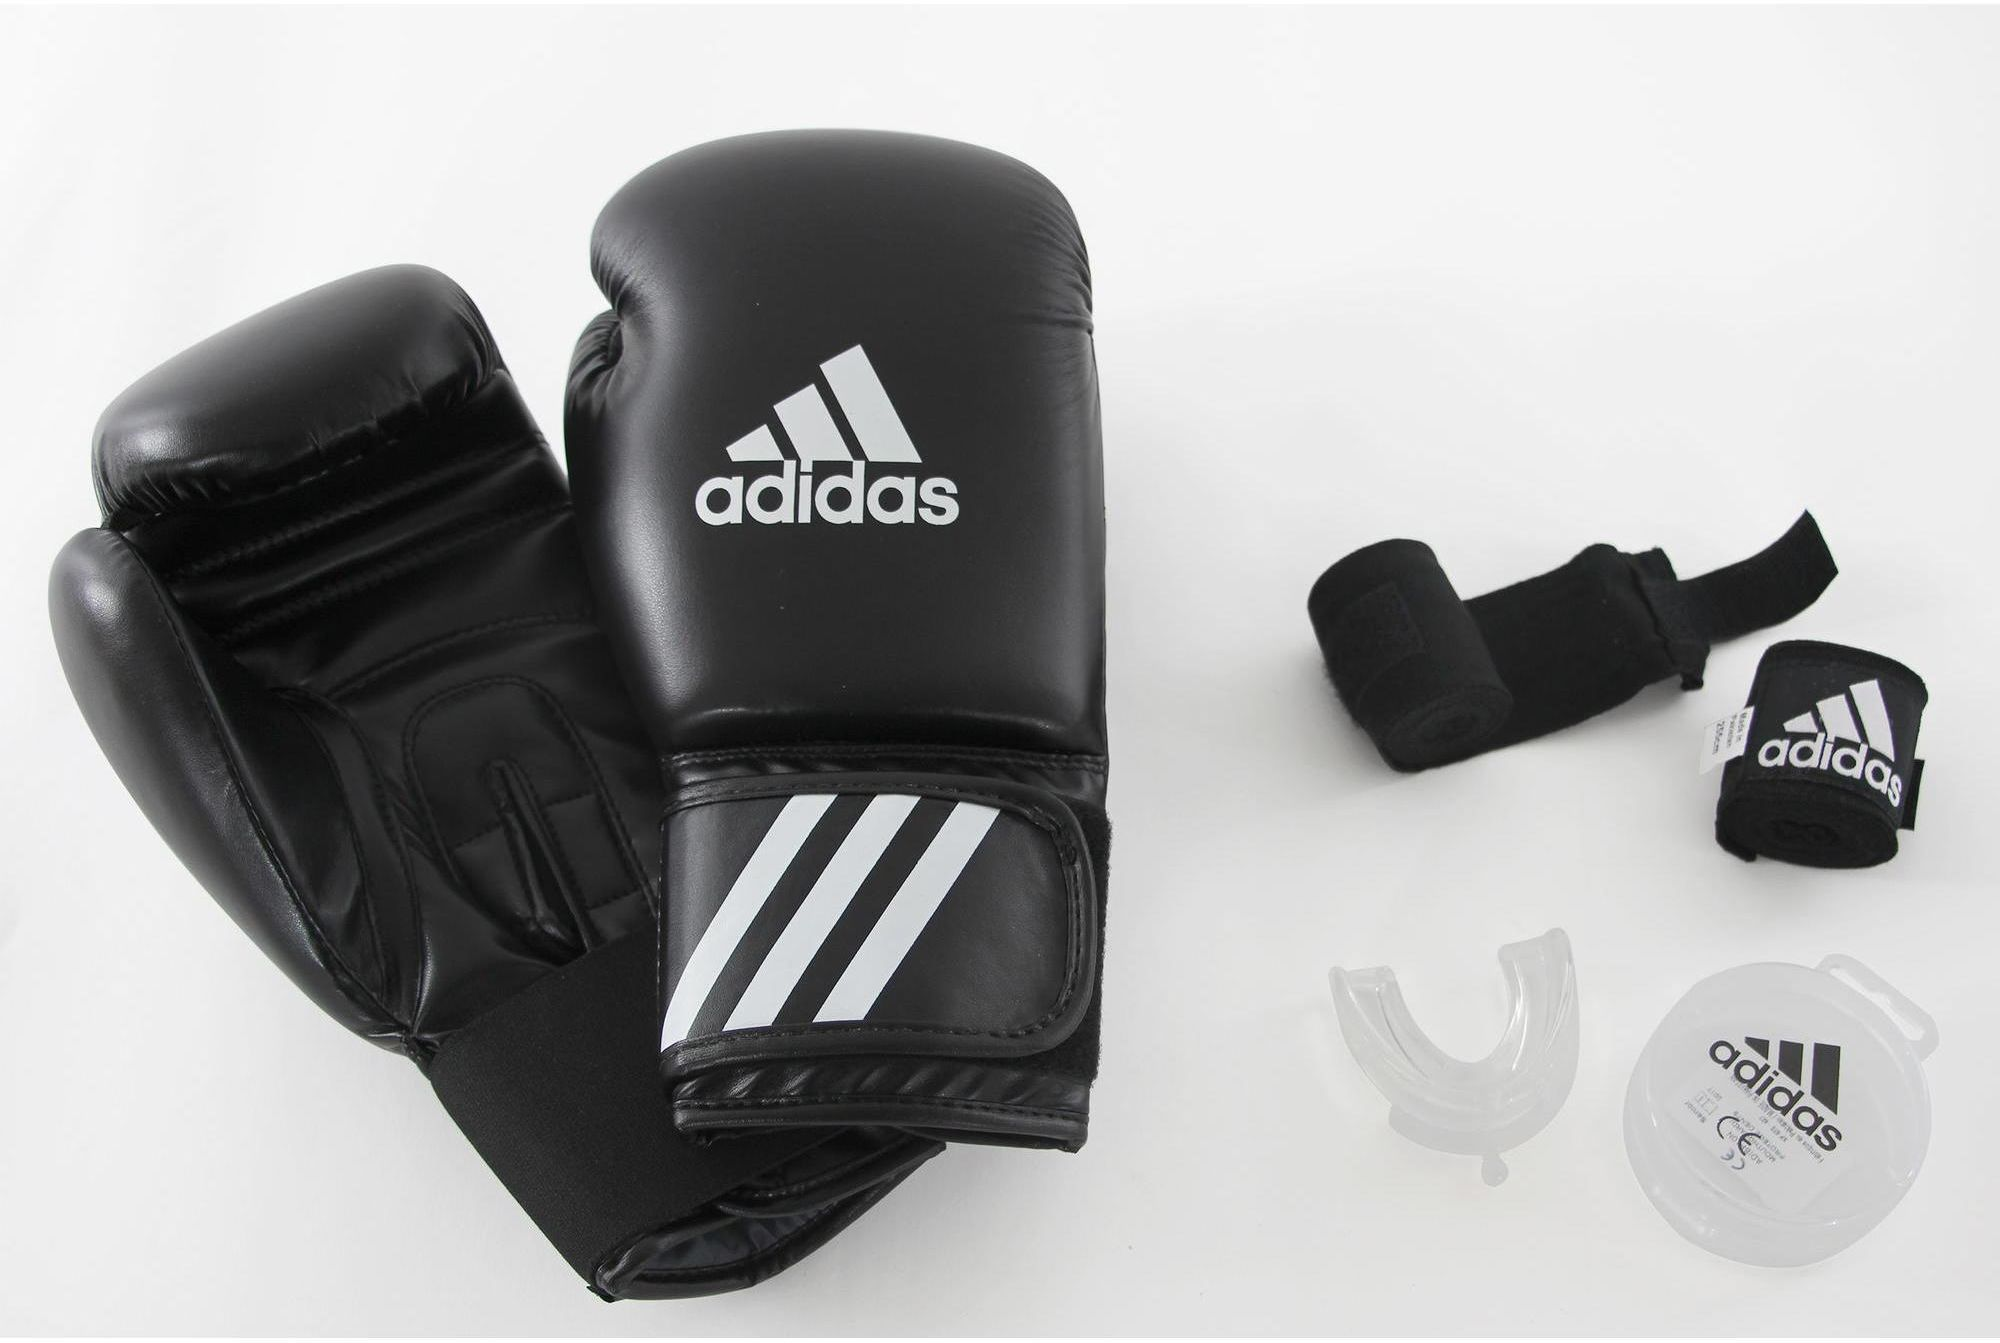 Zestaw bokserski dla początkującego: rękawice, bandaże, ochraniacz na zęby